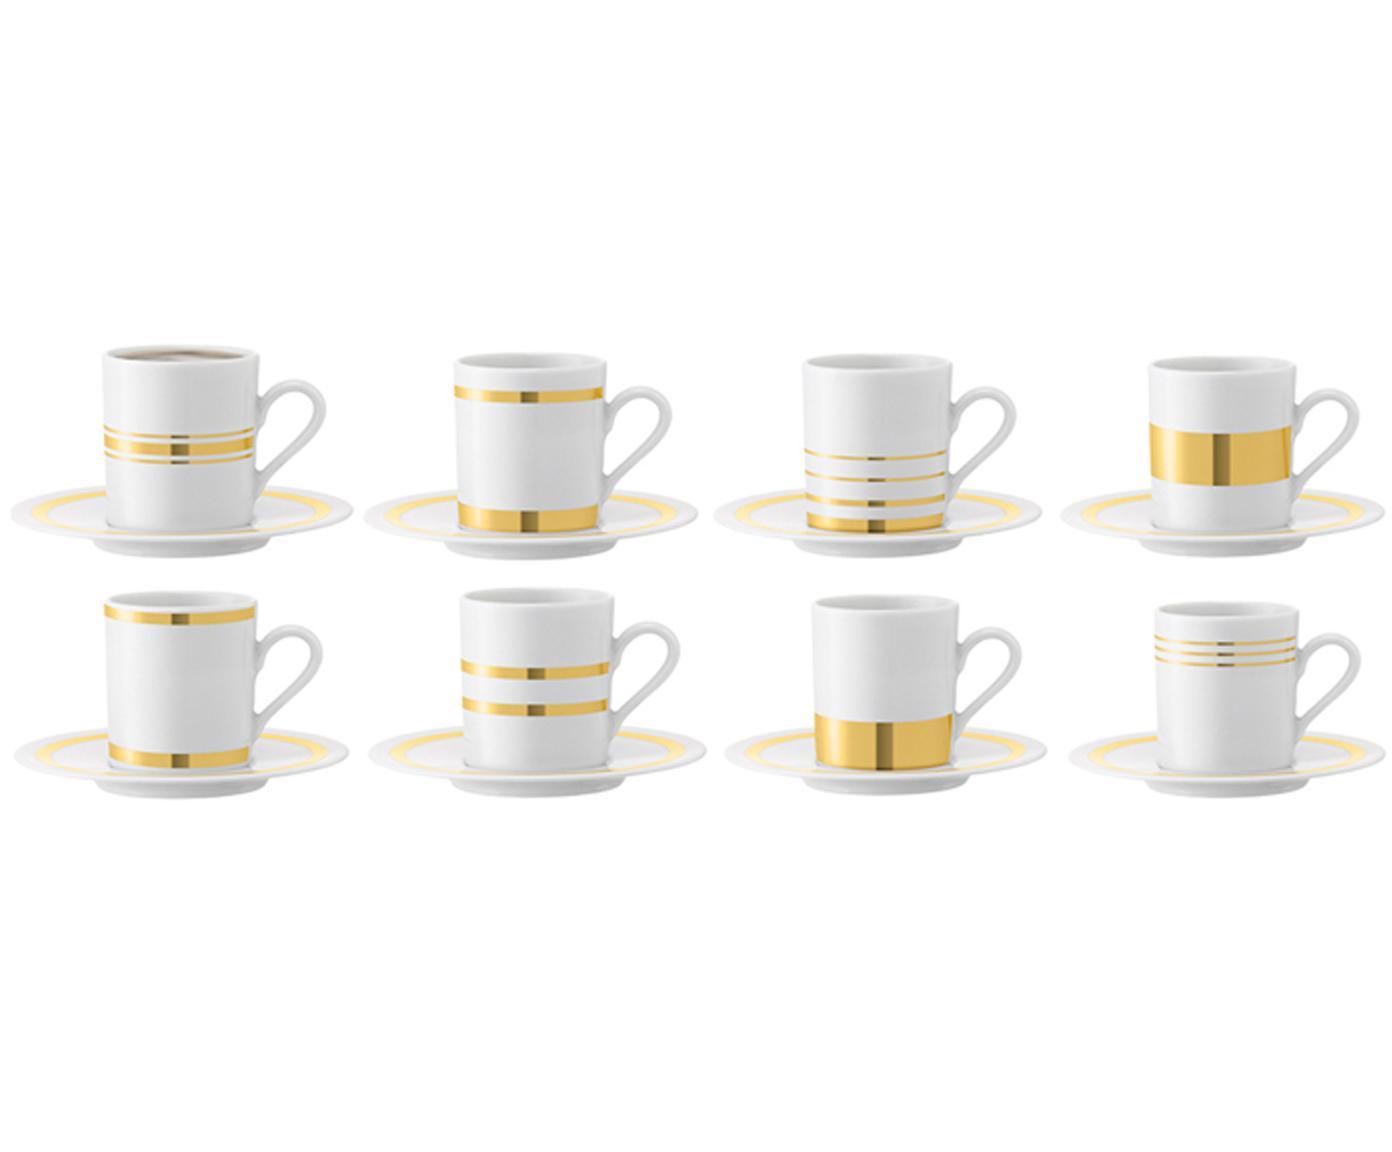 Komplet filiżanek do espresso Deco, 8 elem., Porcelana, Biały, odcienie złotego, Ø 7 x W 7 cm